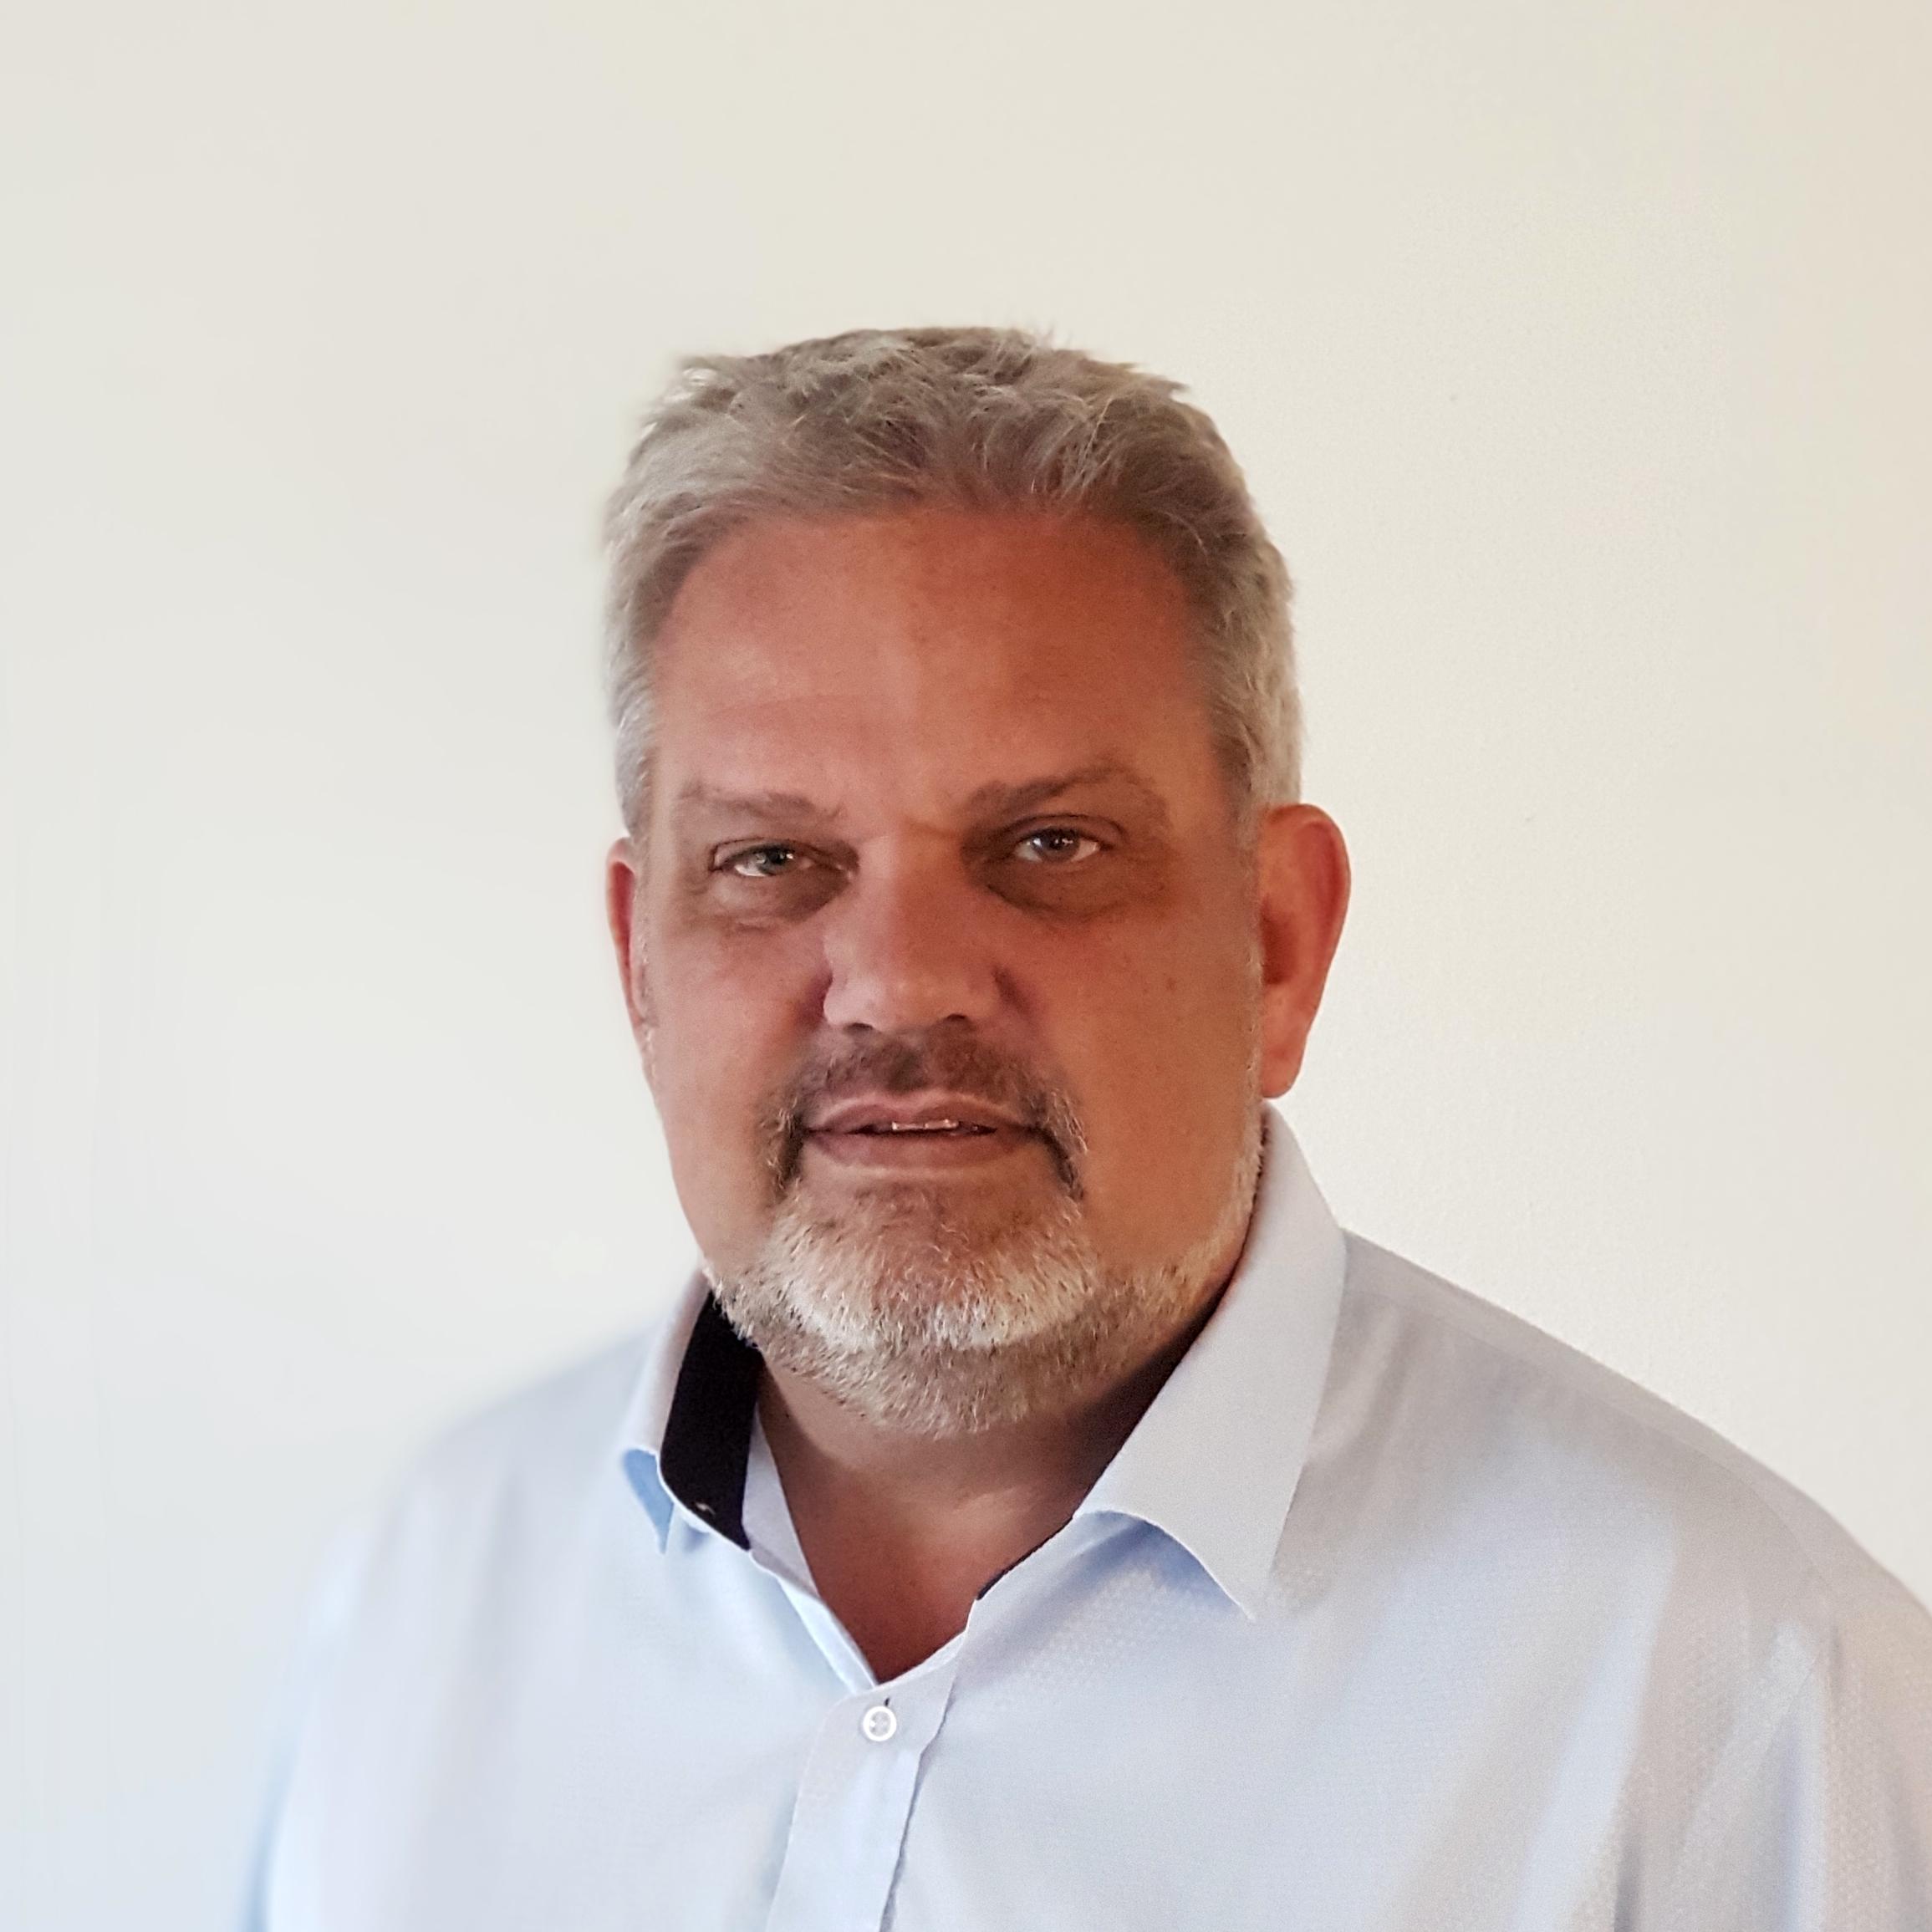 Henrik Rochat Rasmussen